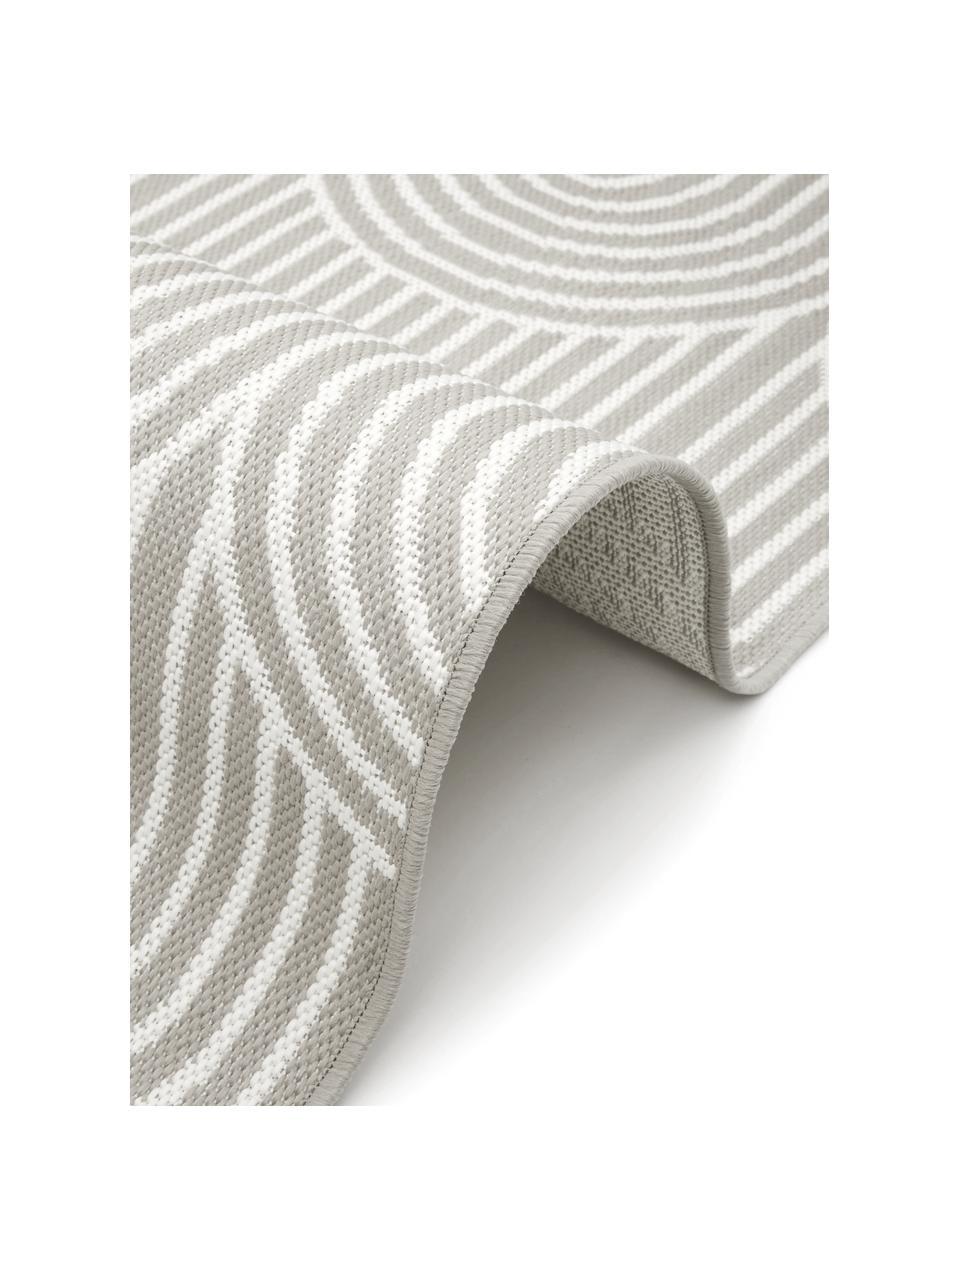 Dywan wewnętrzny/zewnętrzny Arches, 86% polipropylen, 14% poliester, Szary, biały, S 200 x D 290 cm (Rozmiar L)